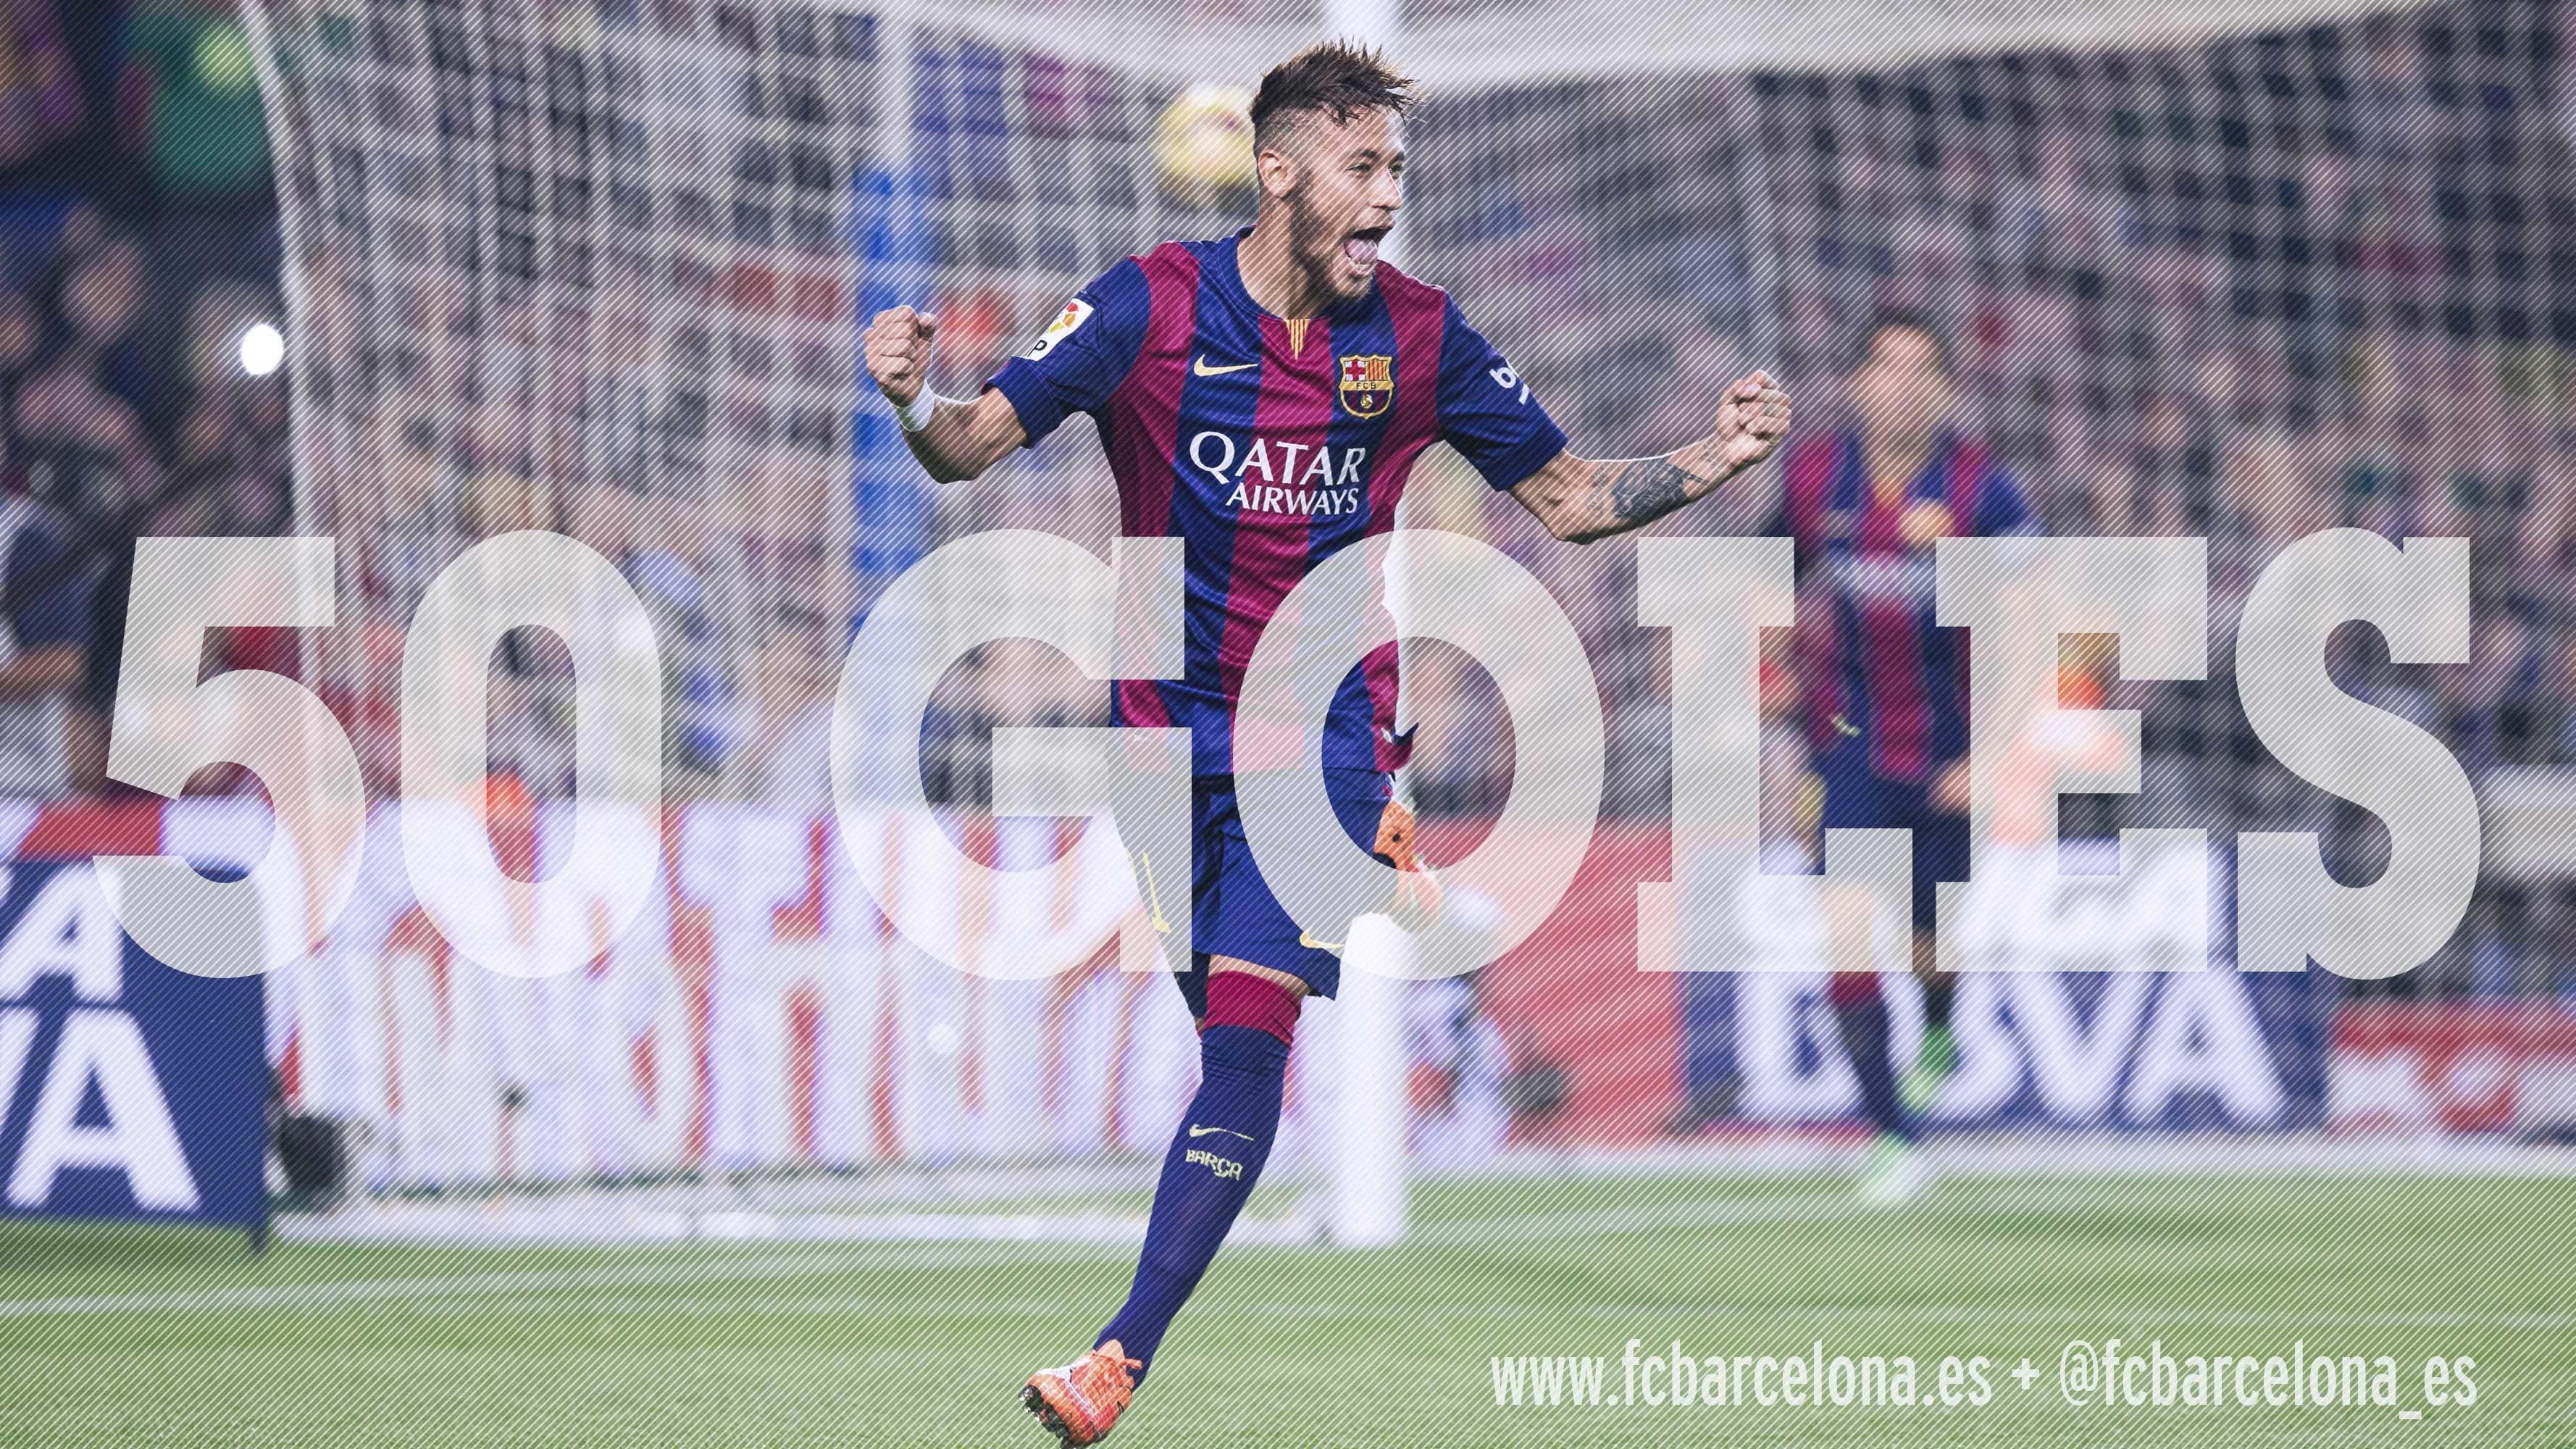 Spécial Messi et FCBarcelone (Part 2) - Page 12 50_NEYMAR_WEB_castella.v1431196165